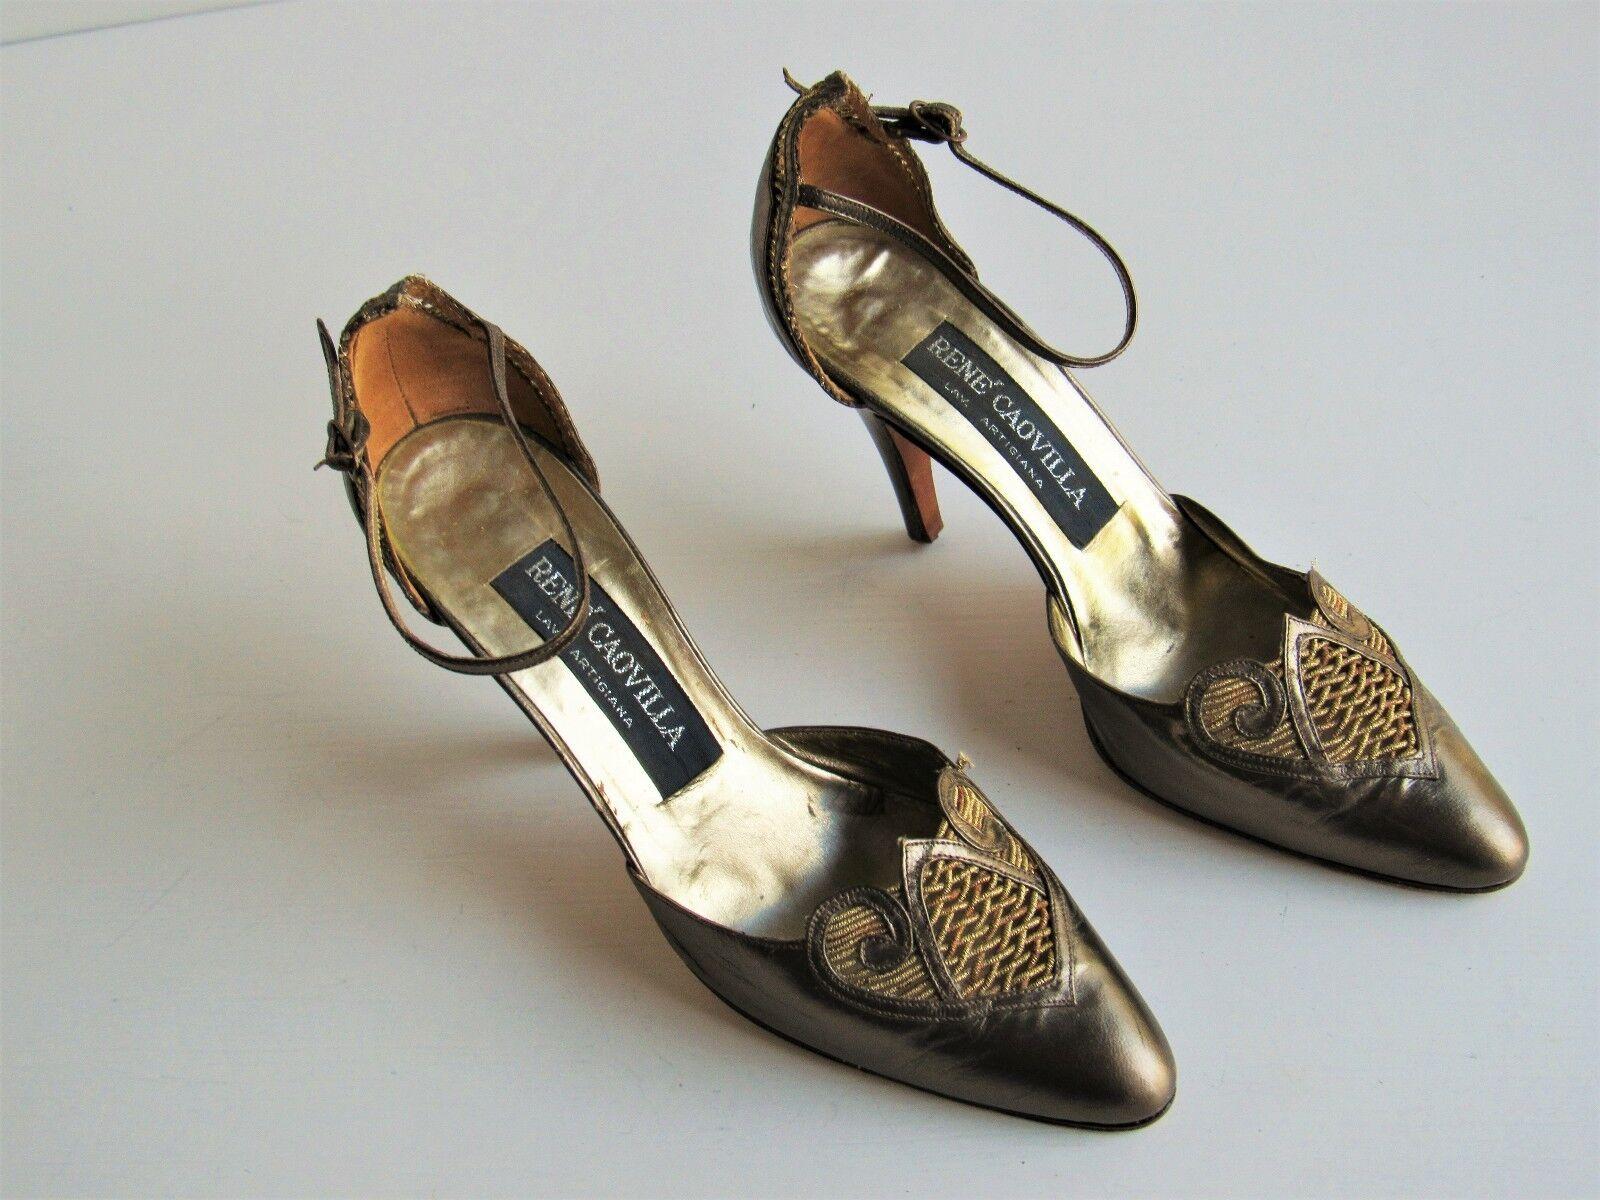 prezzi equi Rene Caovilla Caovilla Caovilla Bronze Leather oro Accent Ankle-Strap High Heels US 7.5 EU 38  solo per te